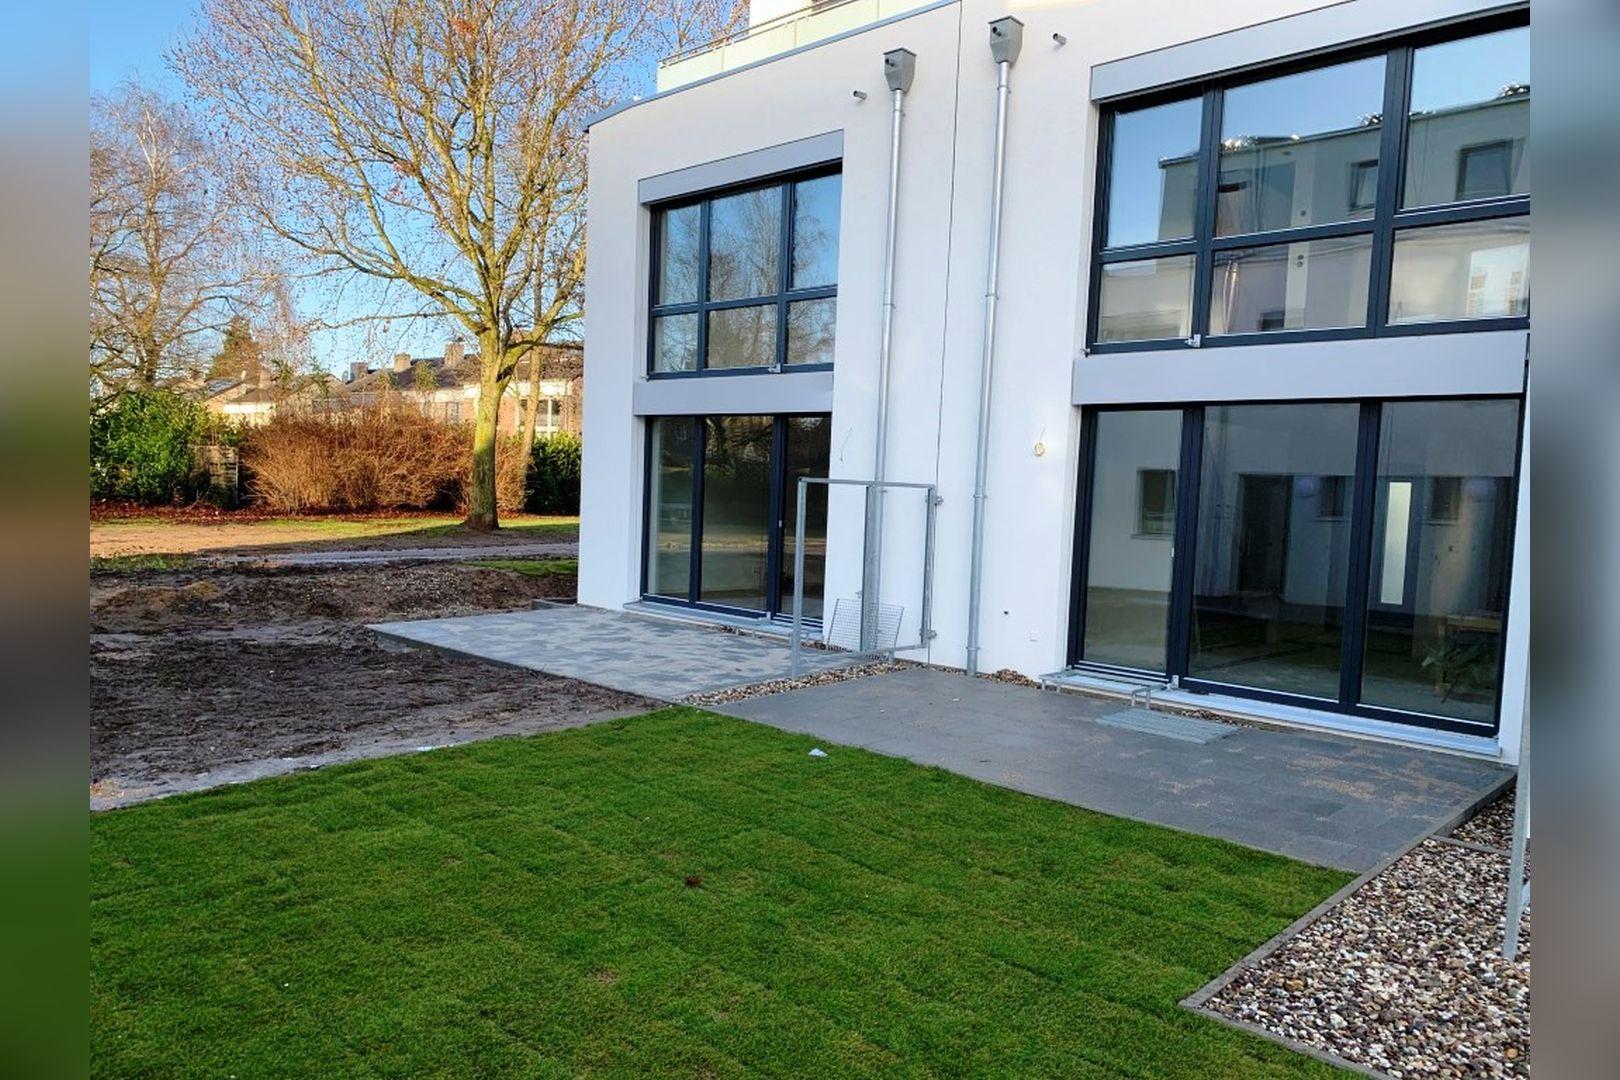 Immobilie Nr.0224 - Reihenendhaus mit kl. Garten u. 2 TG-Plätzen - Bild 2.jpg